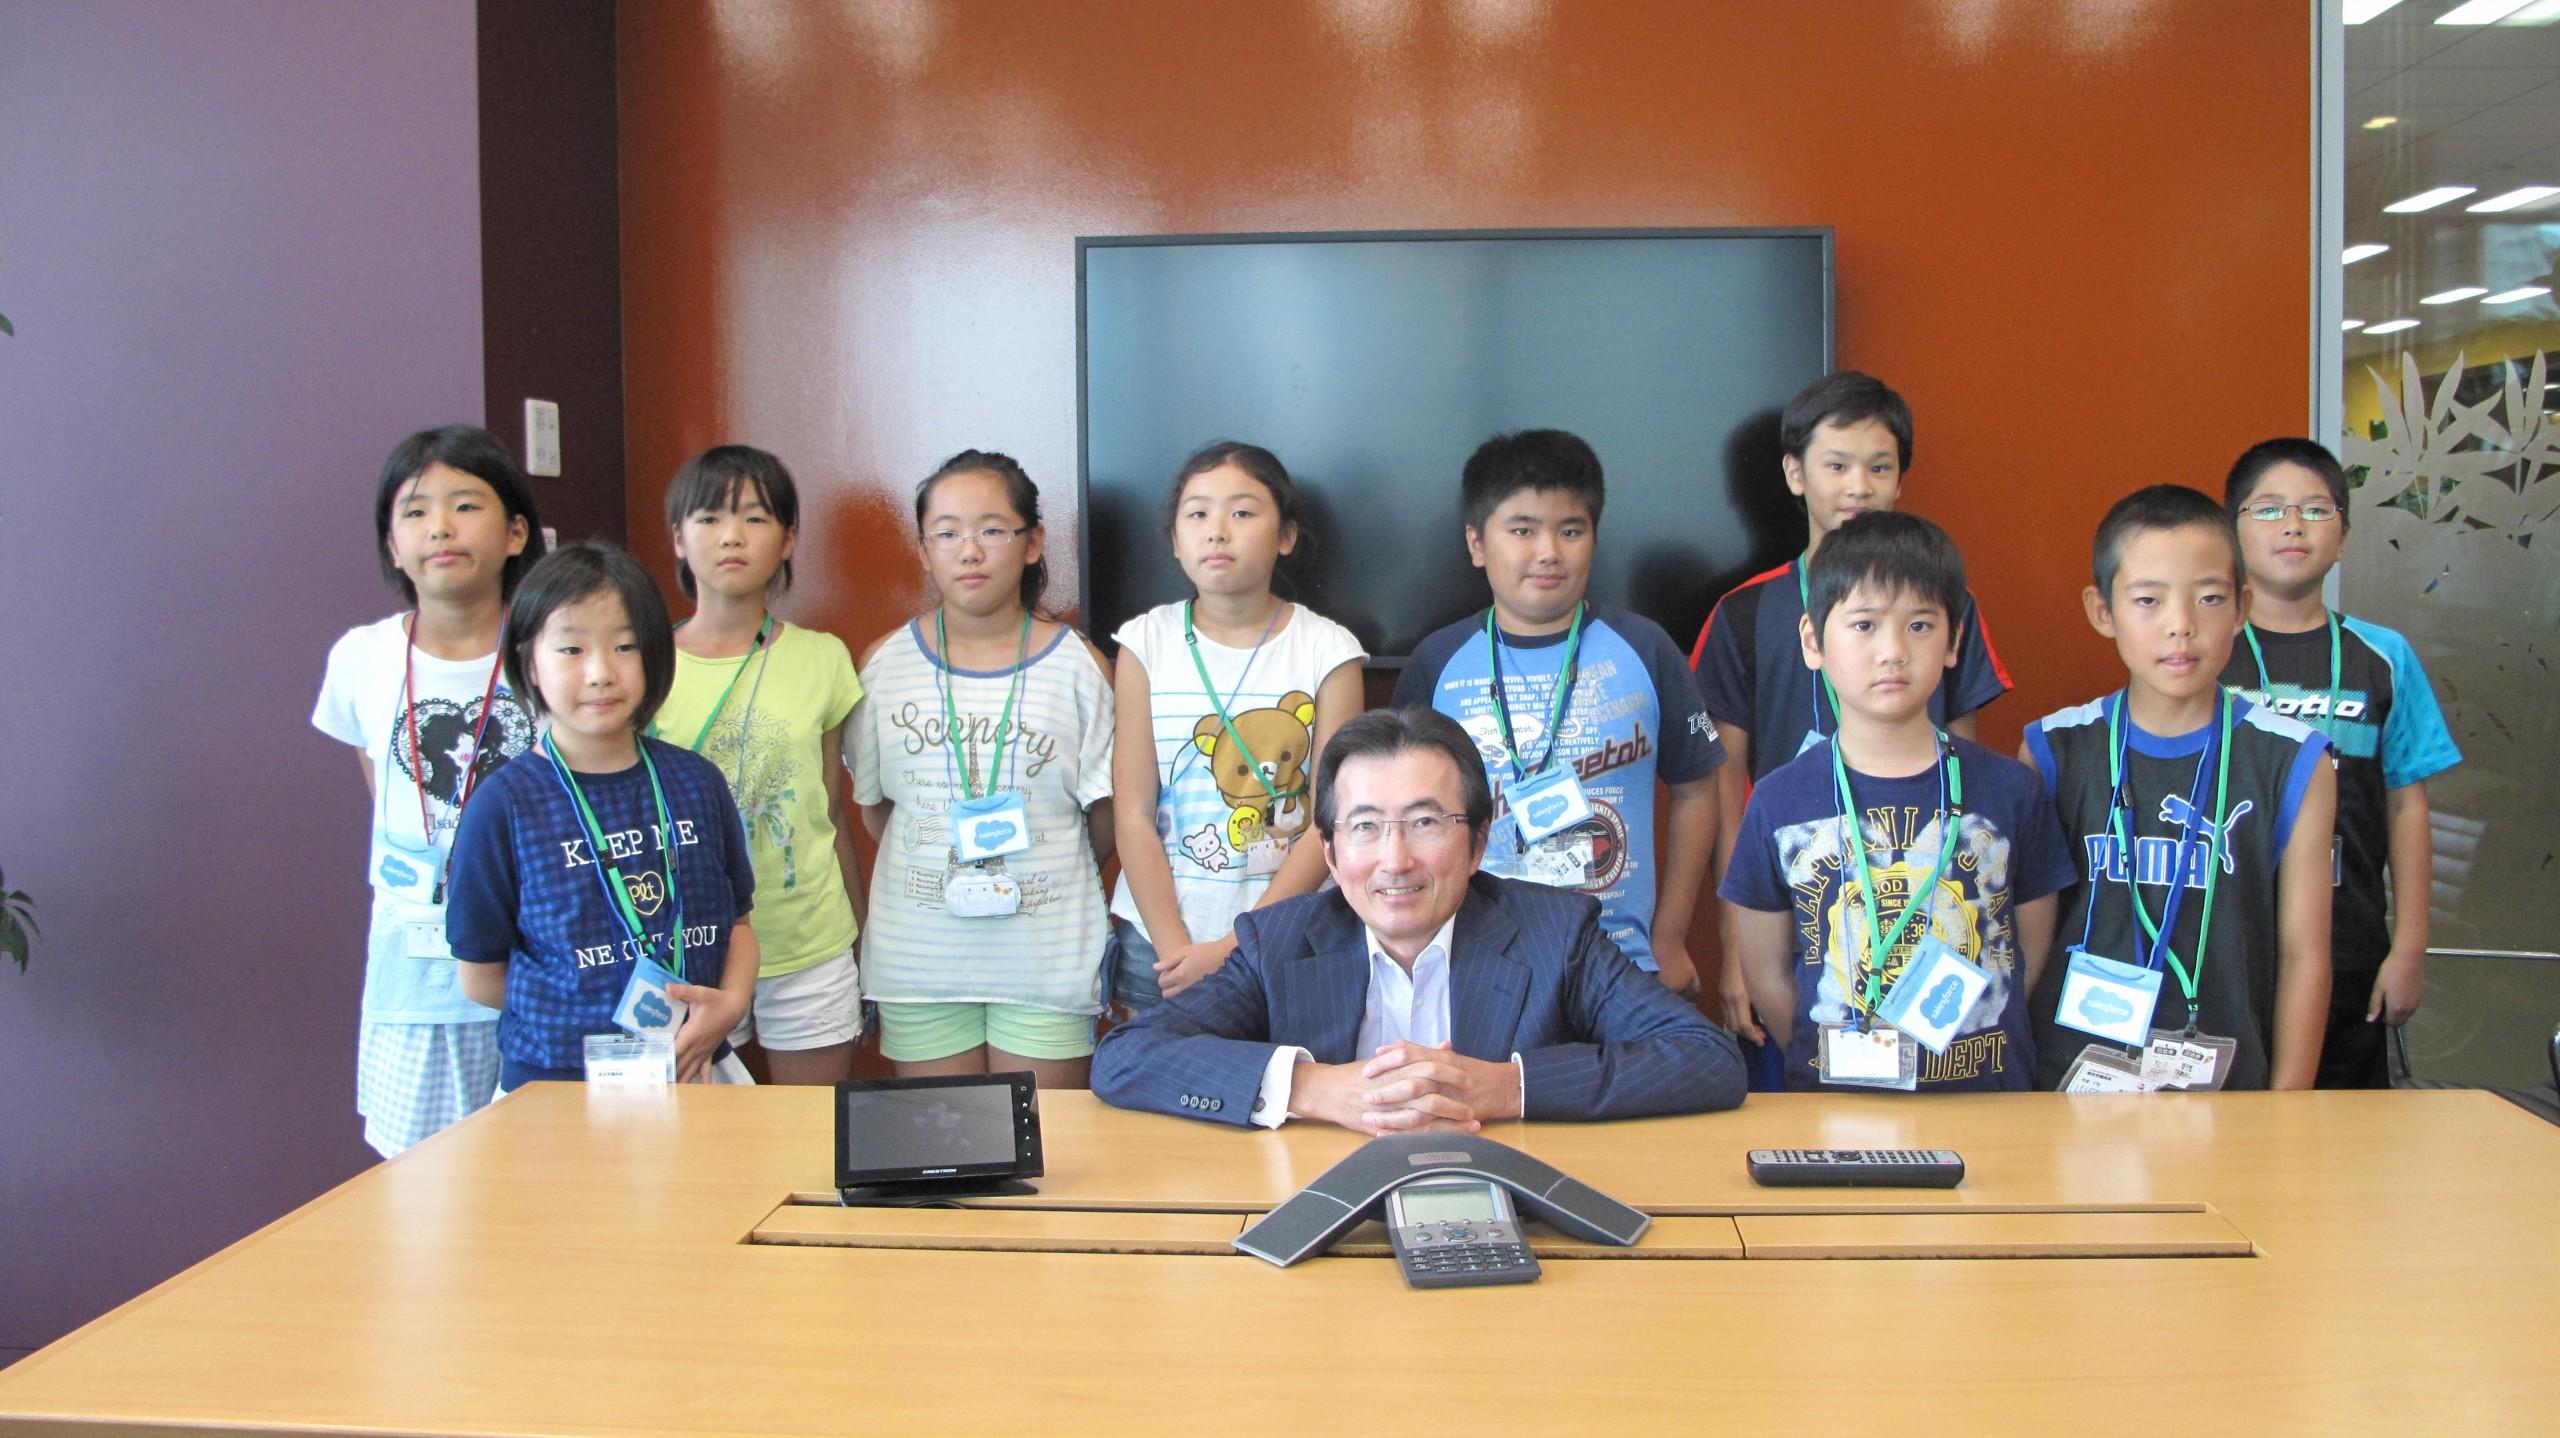 Salesforce Japan volunteers with litate vilage